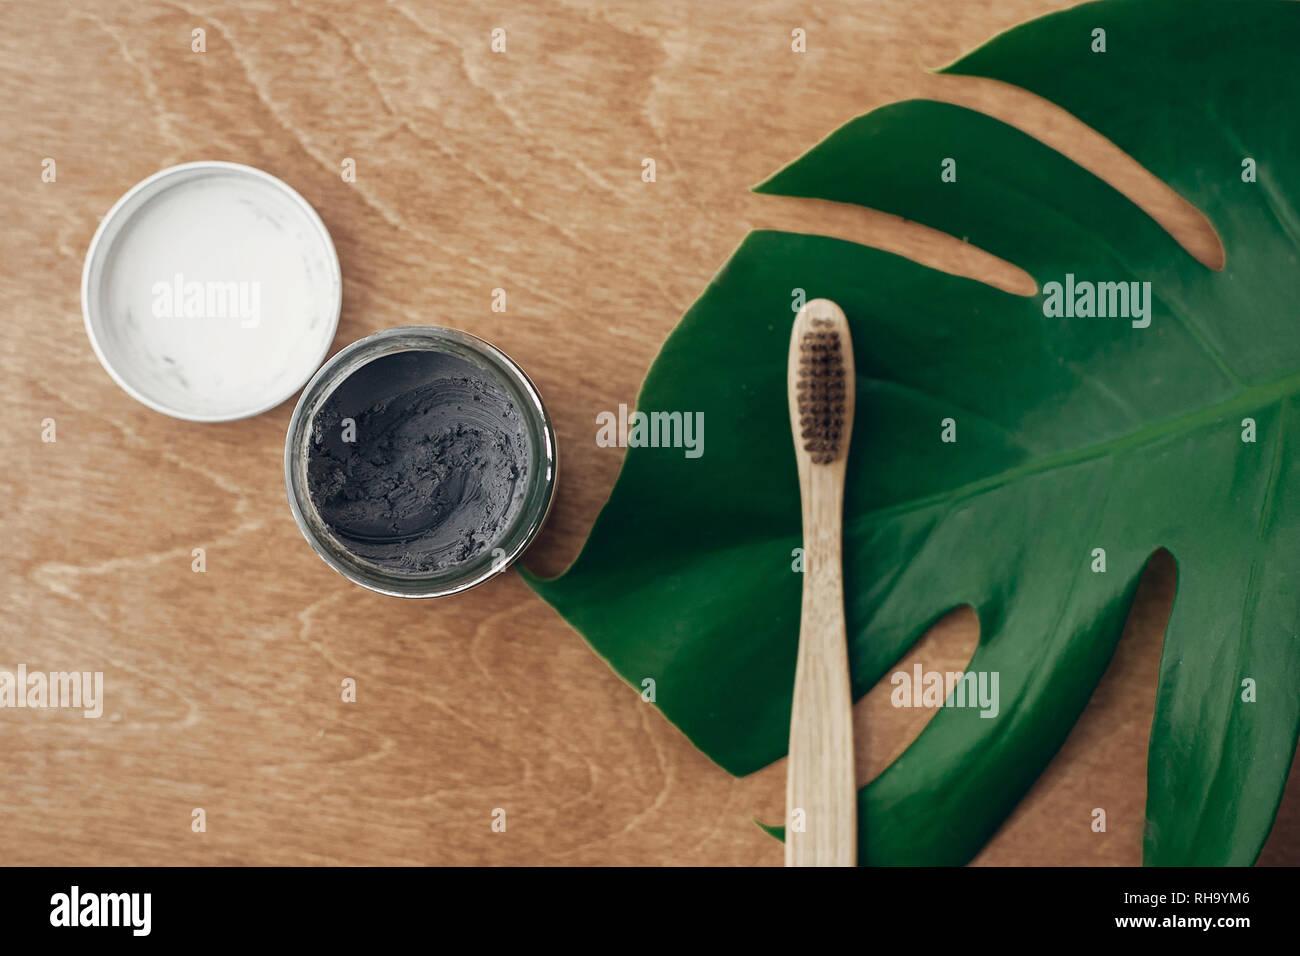 Natürliche Zahnpasta Aktivkohle in Glas und Bambus Zahnbürste auf Holz- Hintergrund mit grünen monstera Blatt. Kunststoff kostenlose Essentials, Zähne Stockfoto